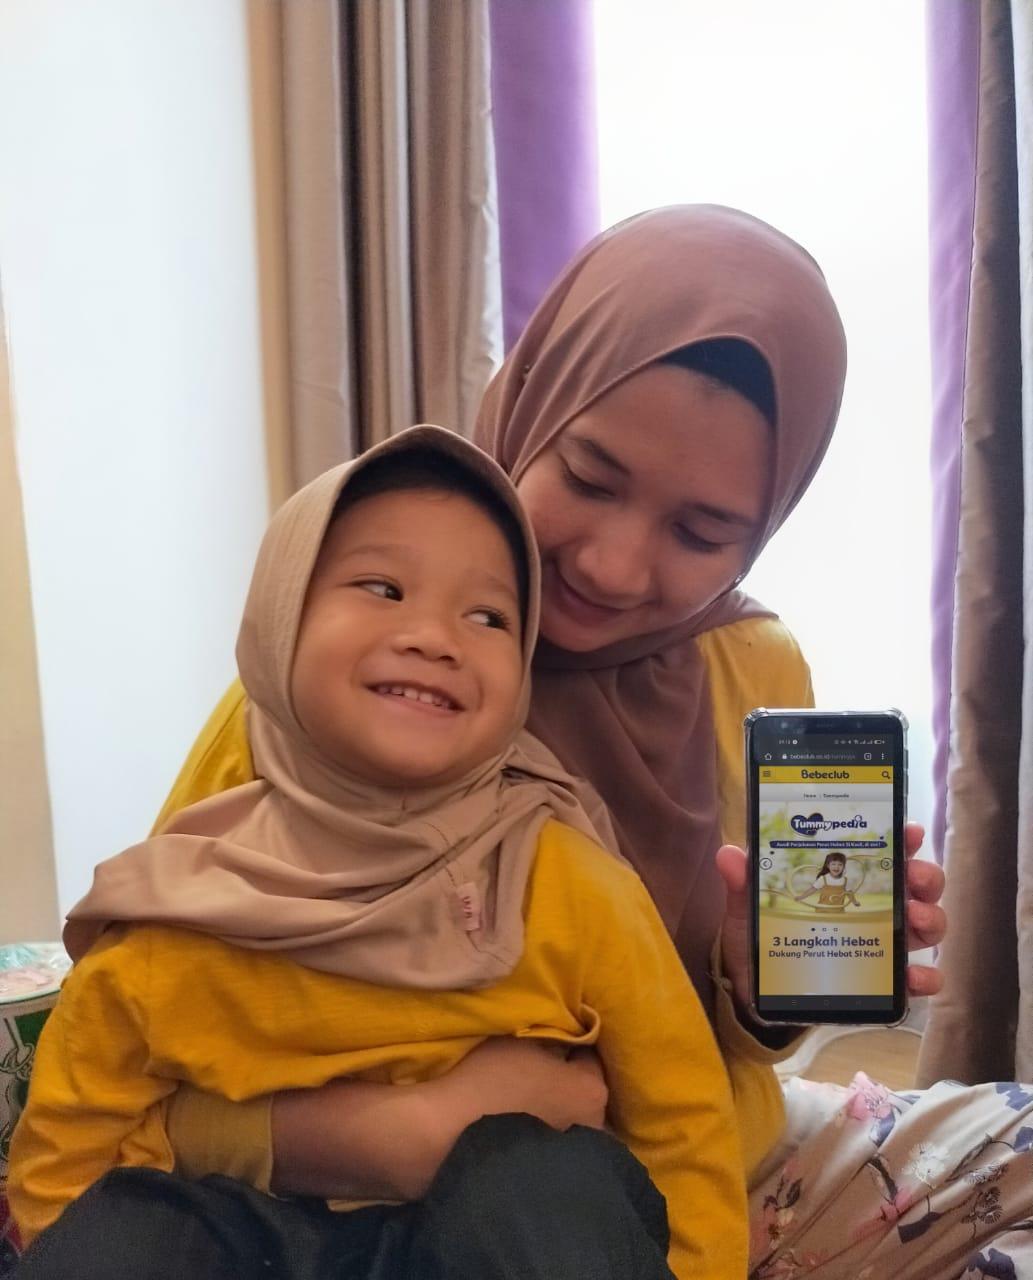 Kenali Pencernaan Pada Anak Yang Mampu Mendukung Tumbuh Kembang nya melalui Situs Tummypedia